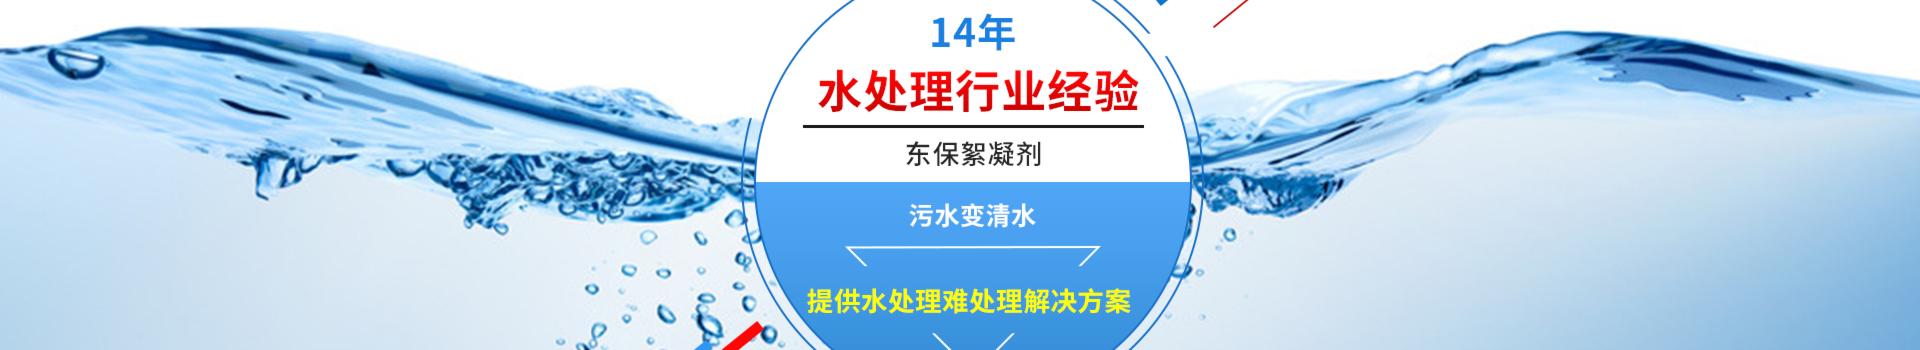 进口聚丙烯酰胺-进口絮凝剂-凯米拉絮凝剂-东保絮凝剂